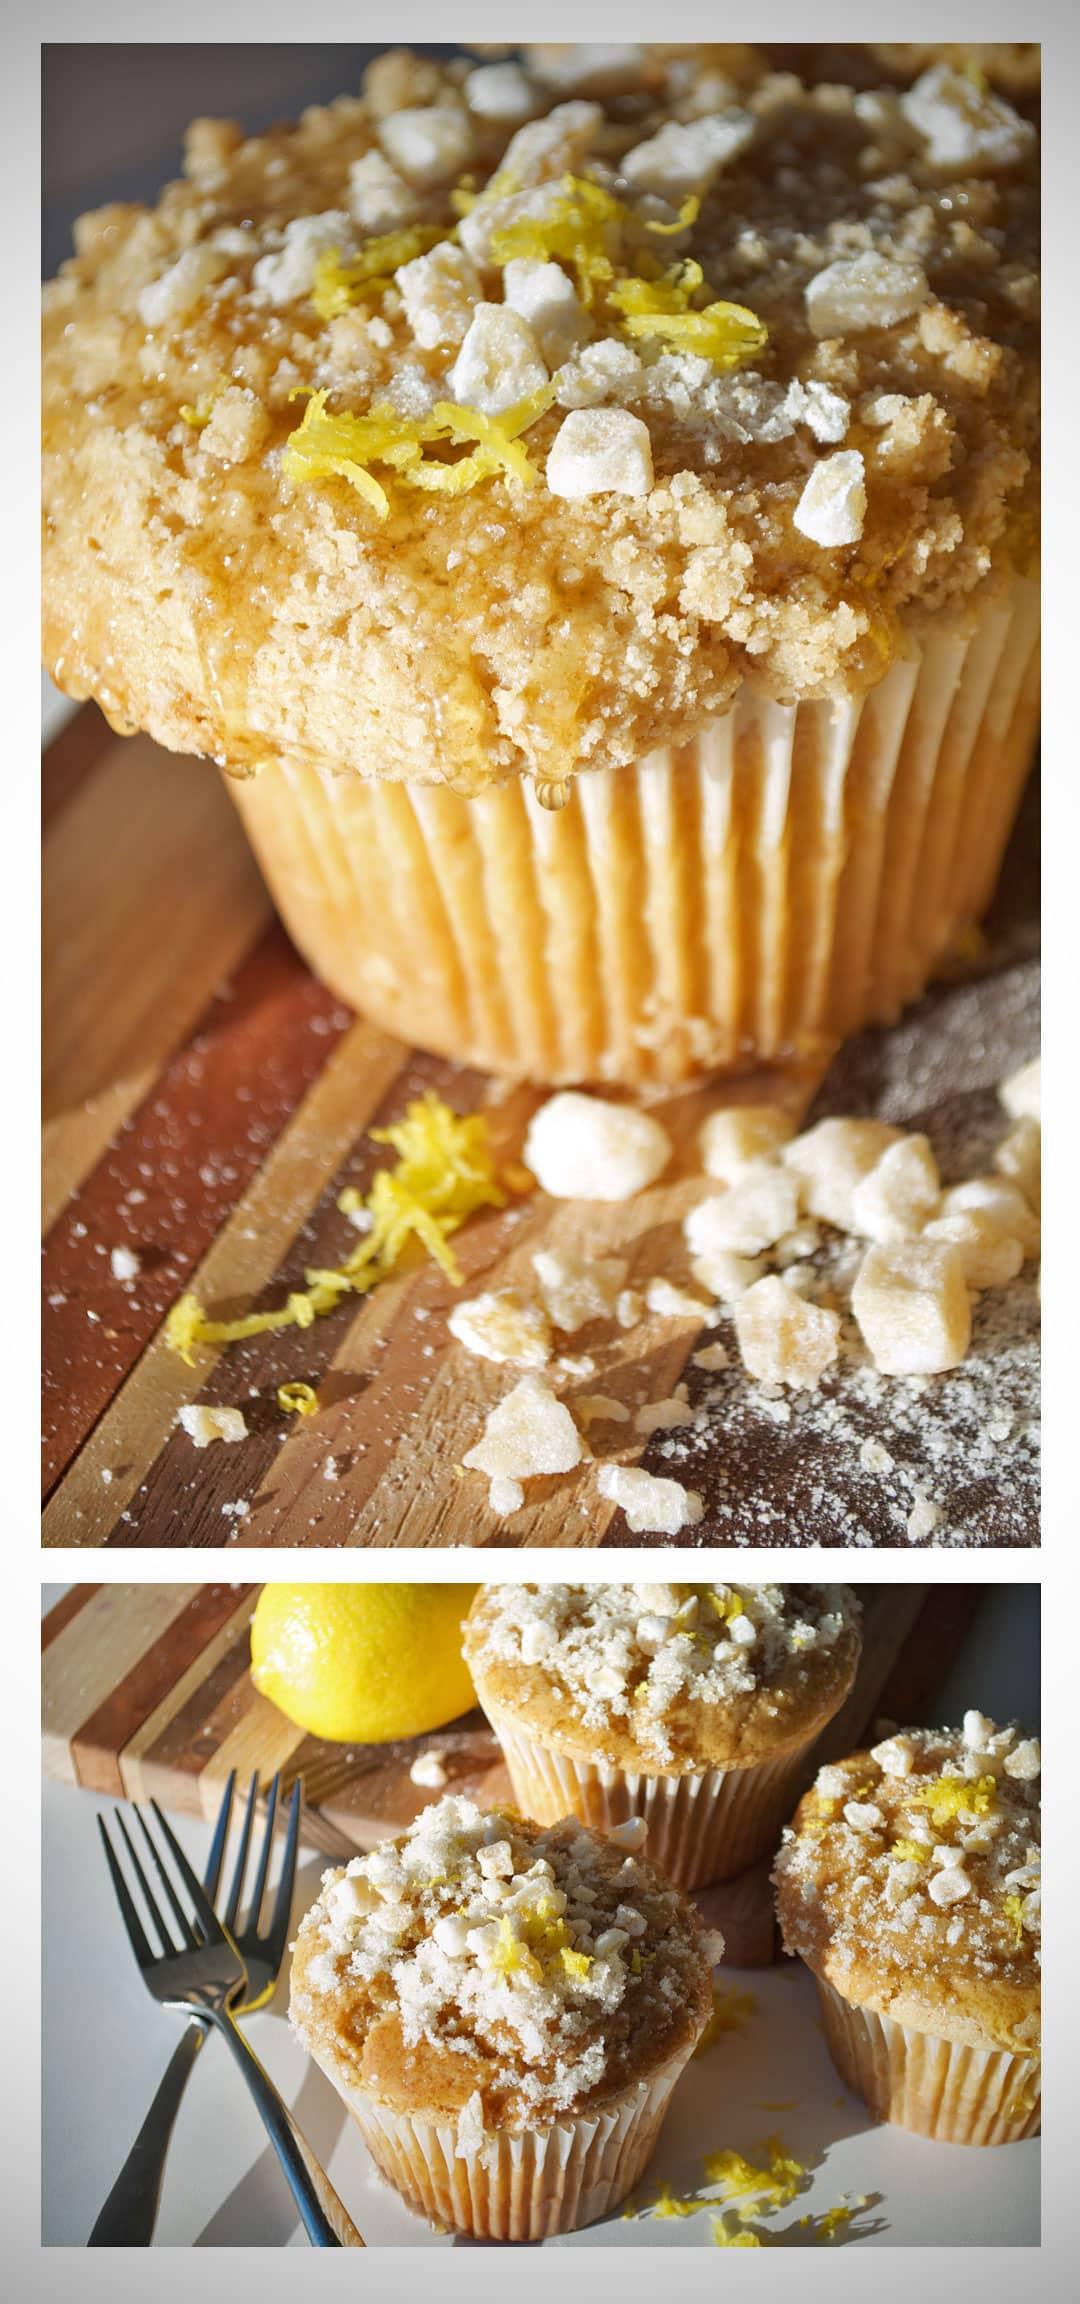 Lemon Ginger Muffins | OfBatterAndDough.com